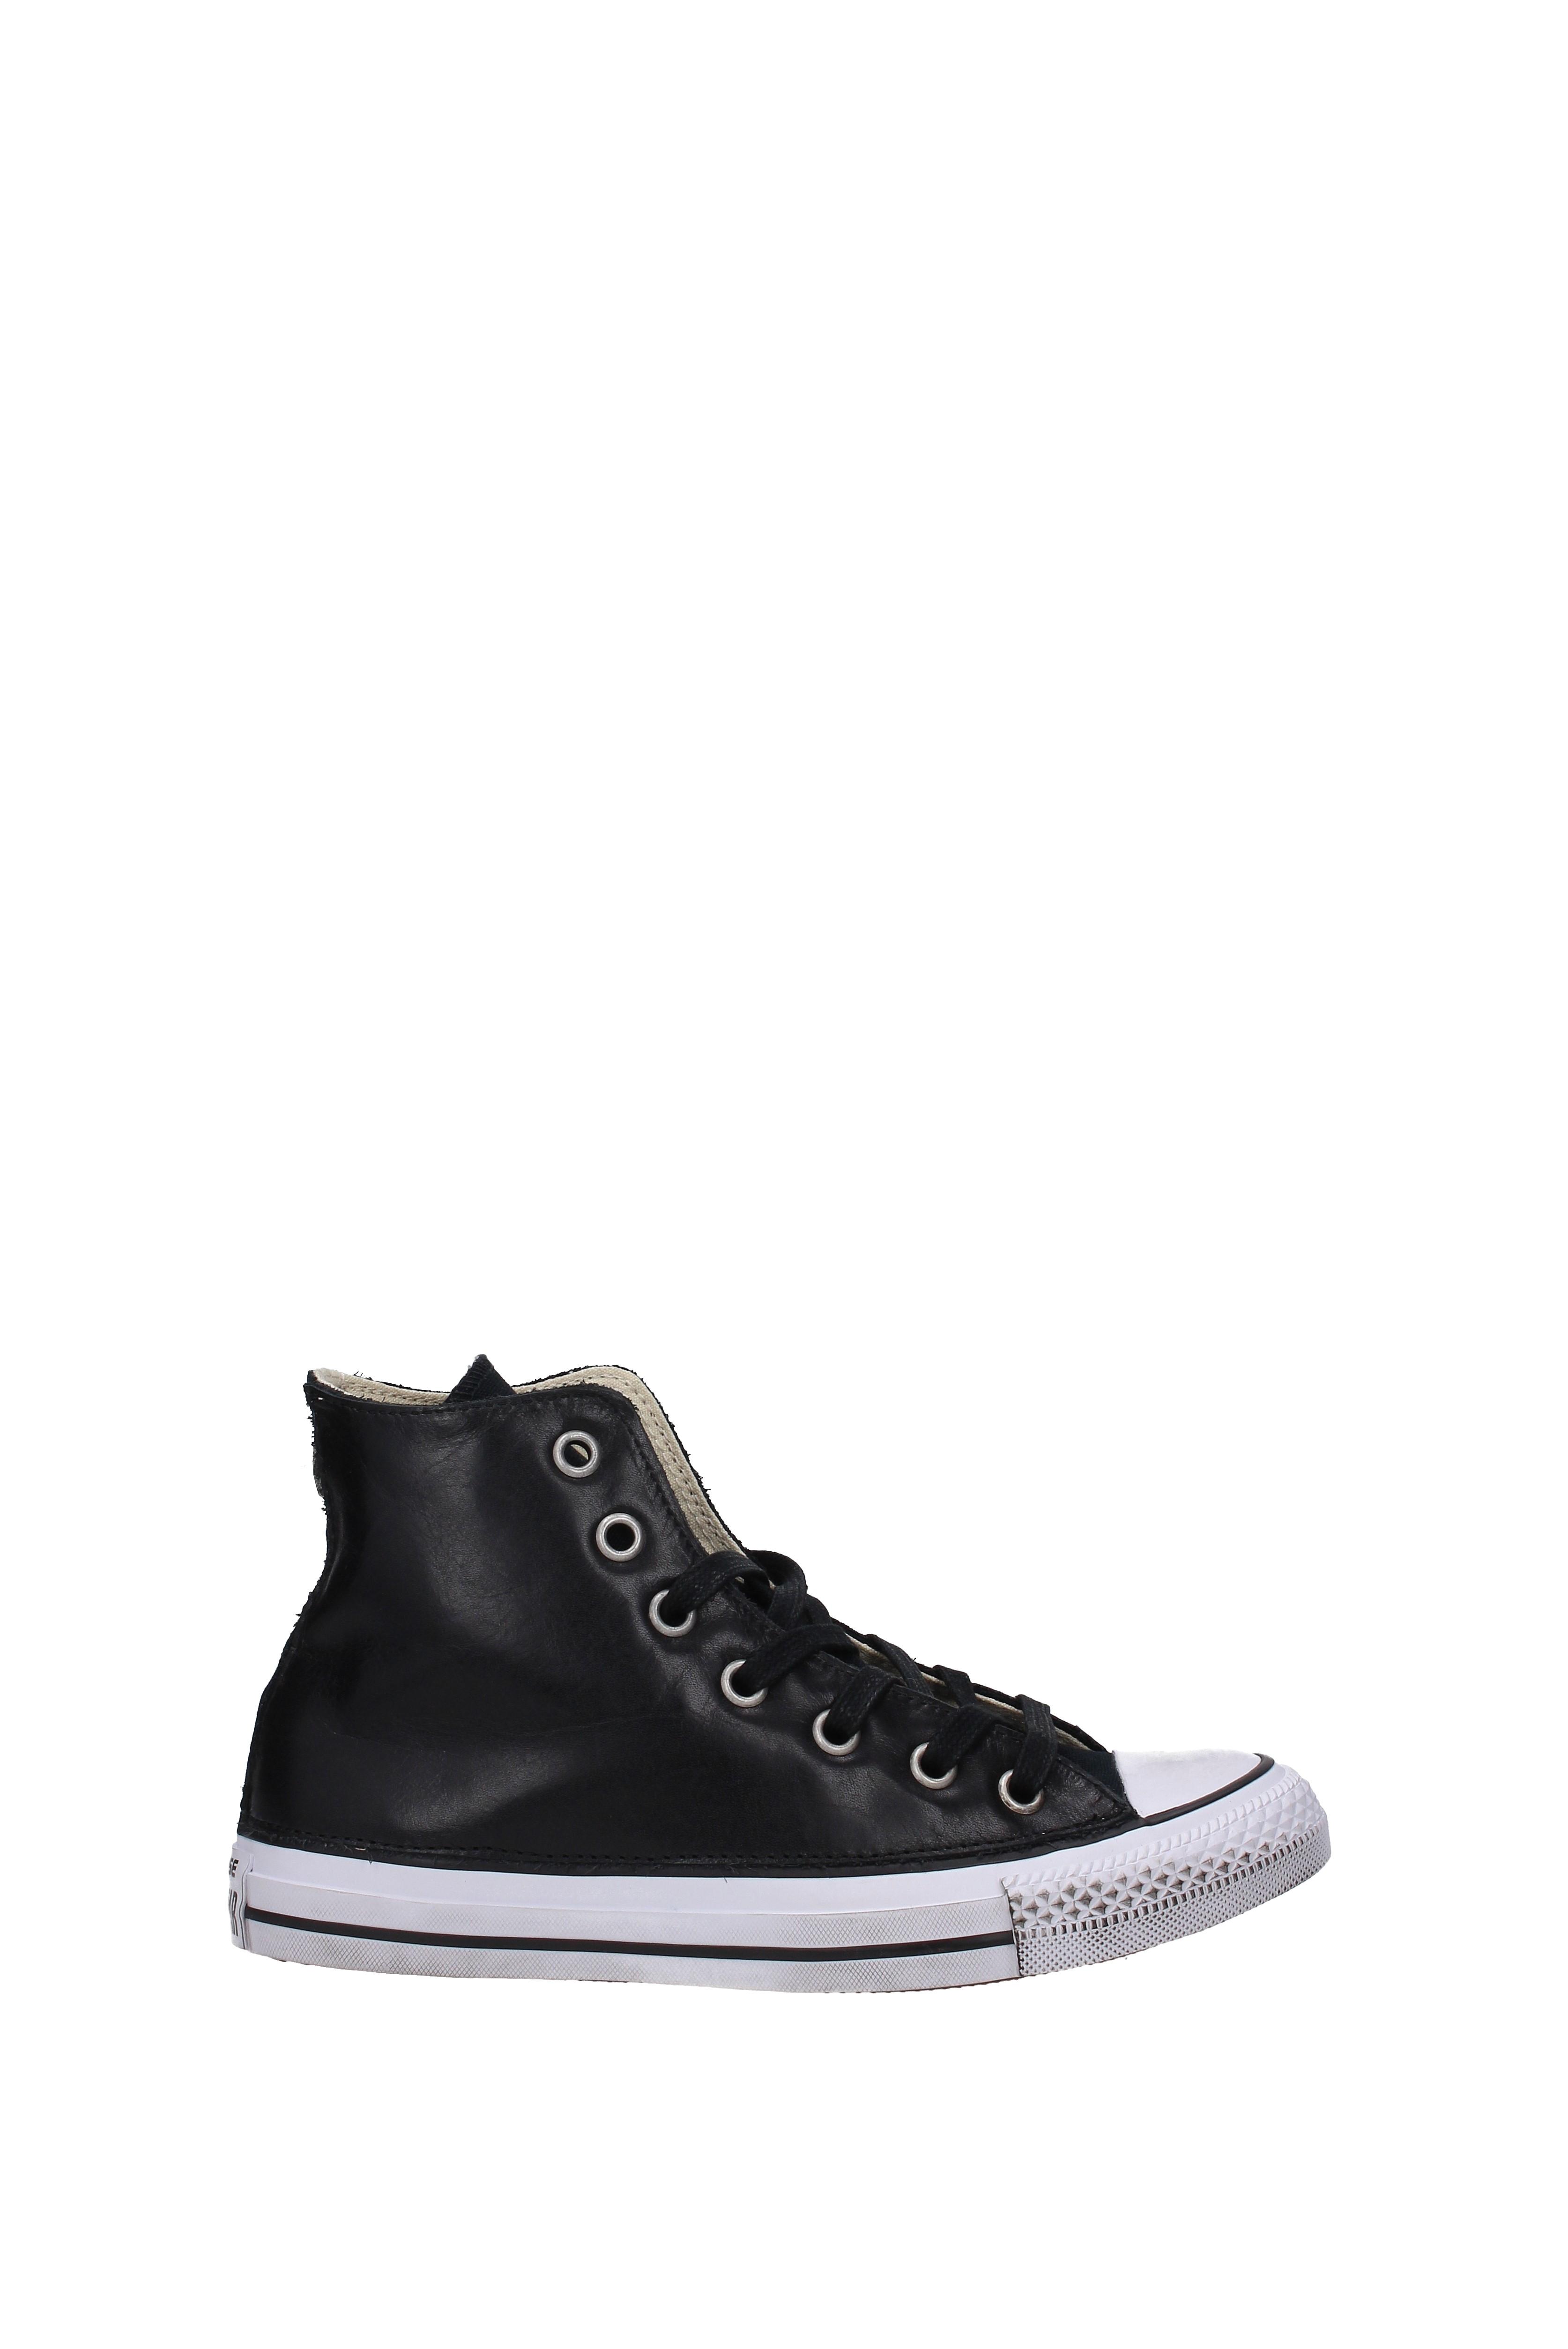 Sneakers Converse limited Leder edition Damen - Leder limited (15905) 70fd85